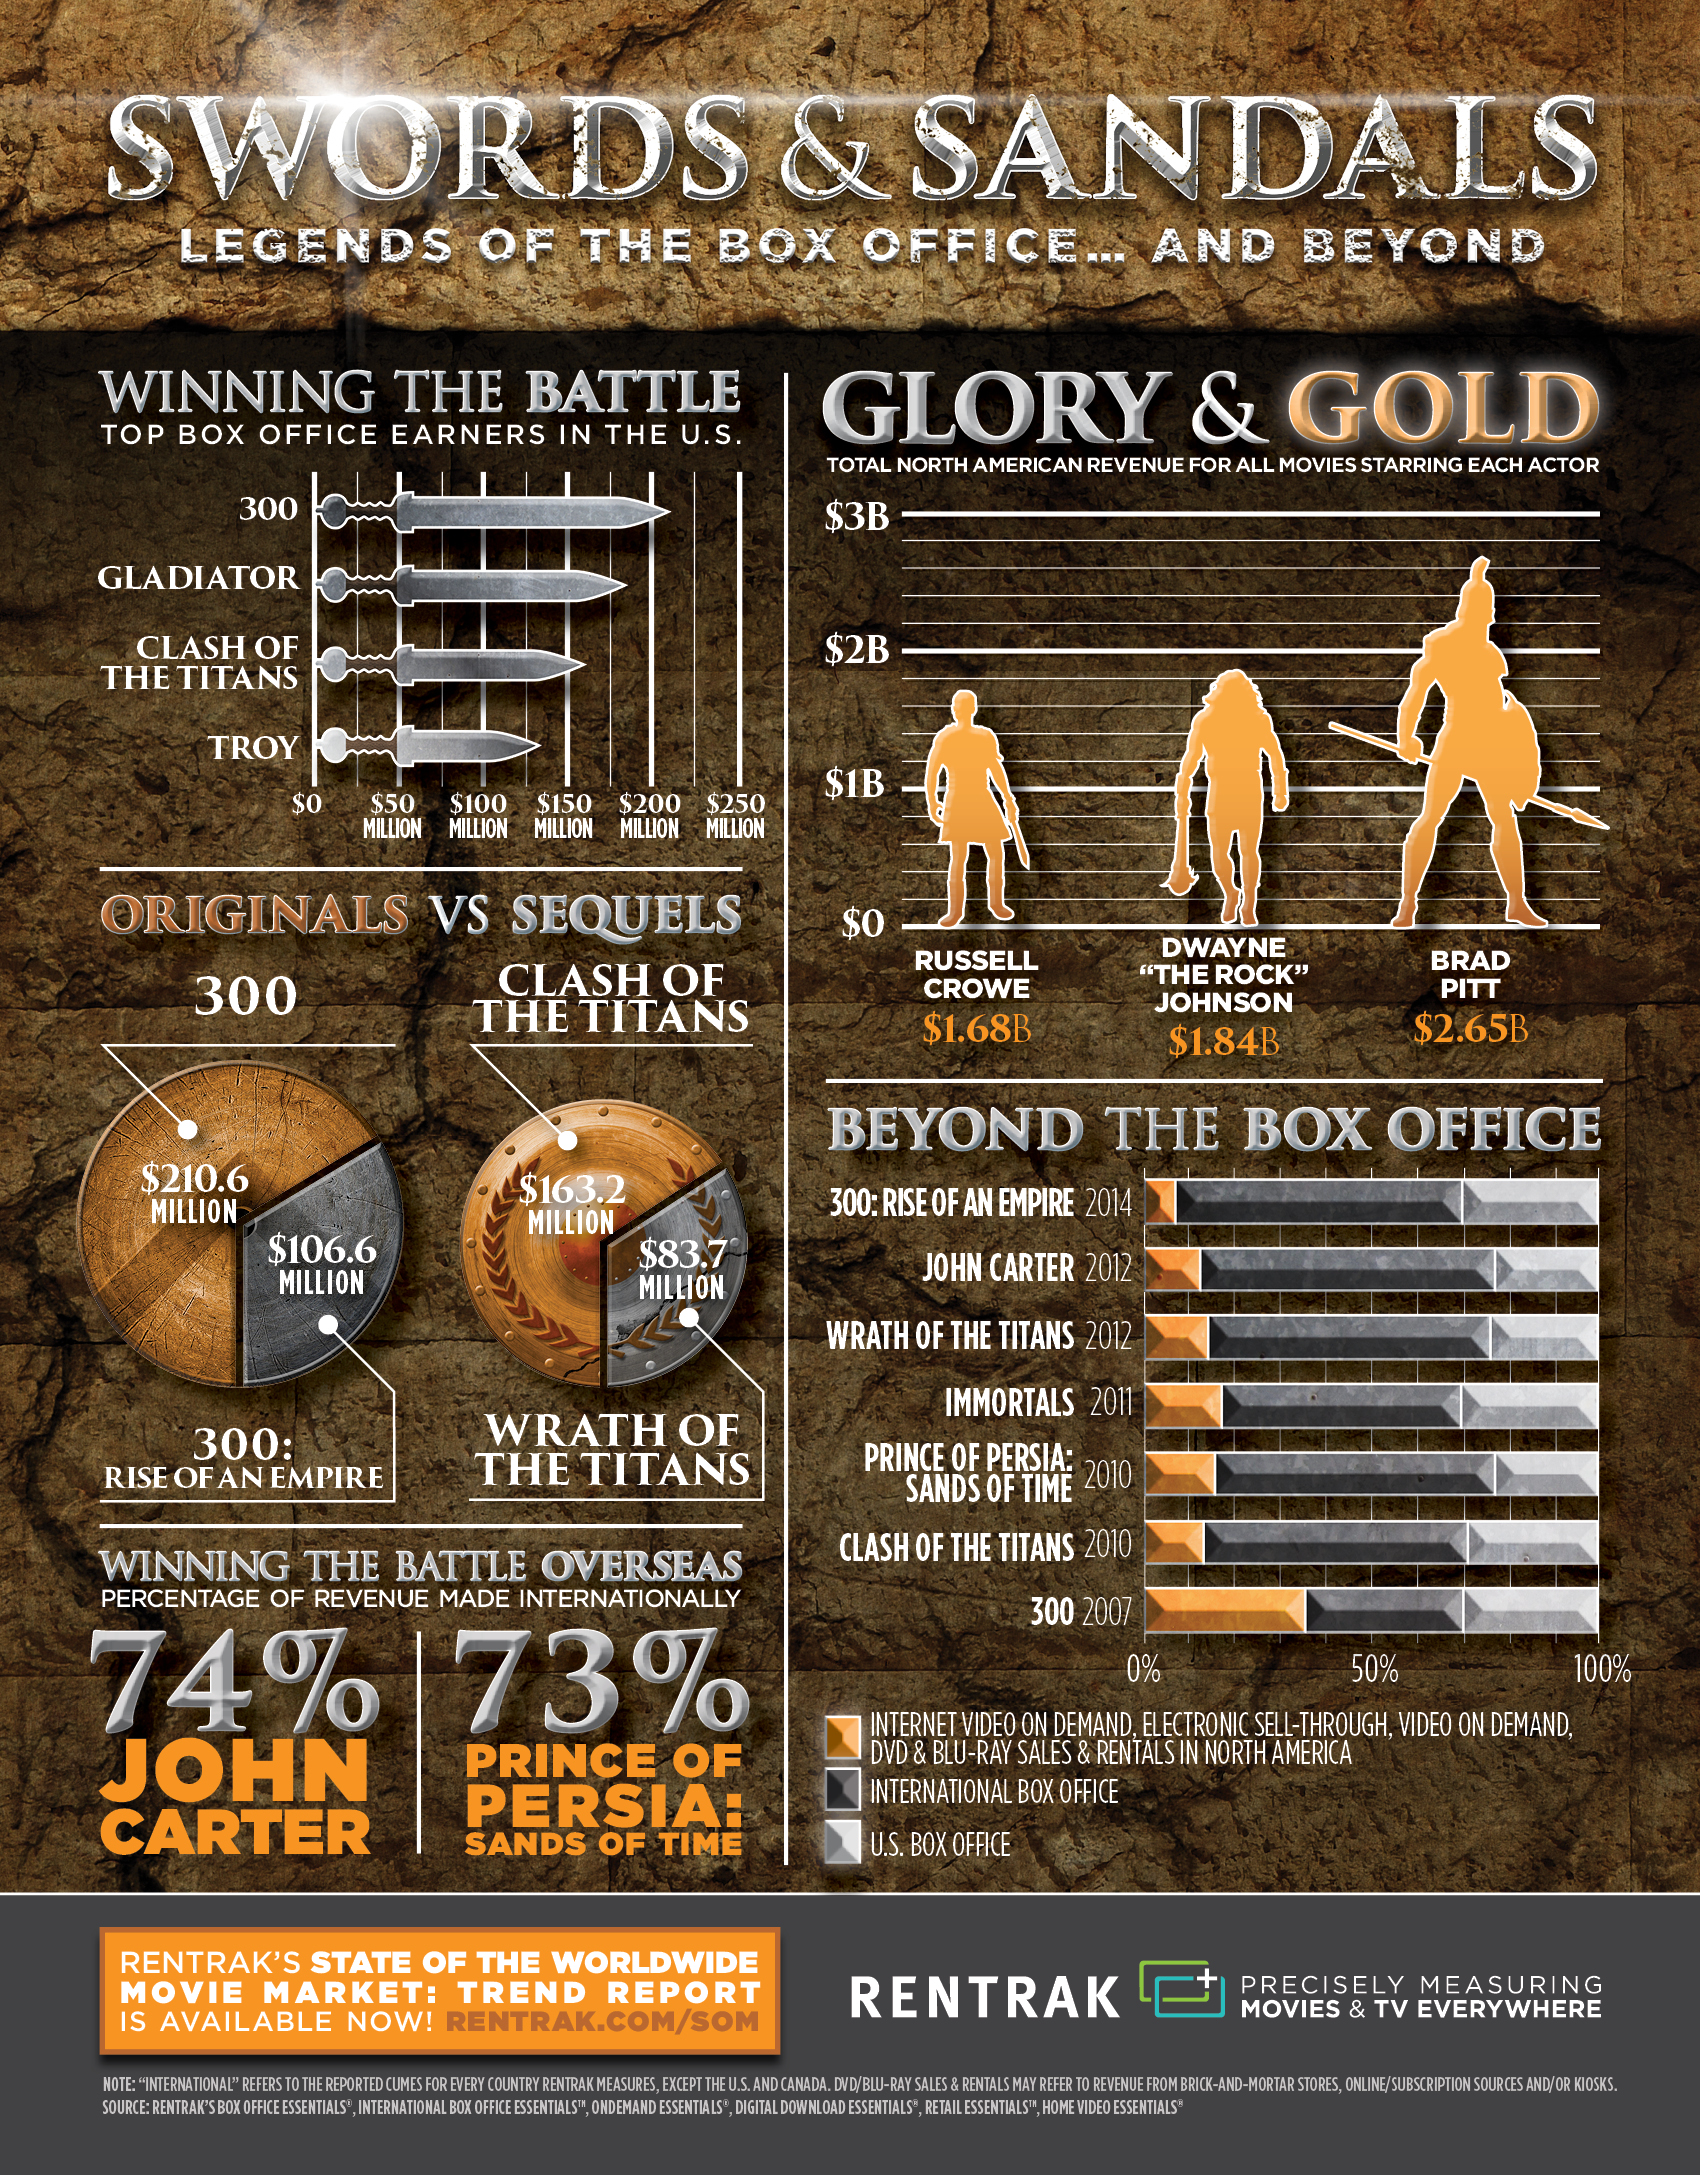 Rentrak Swordssandals Infographic Final